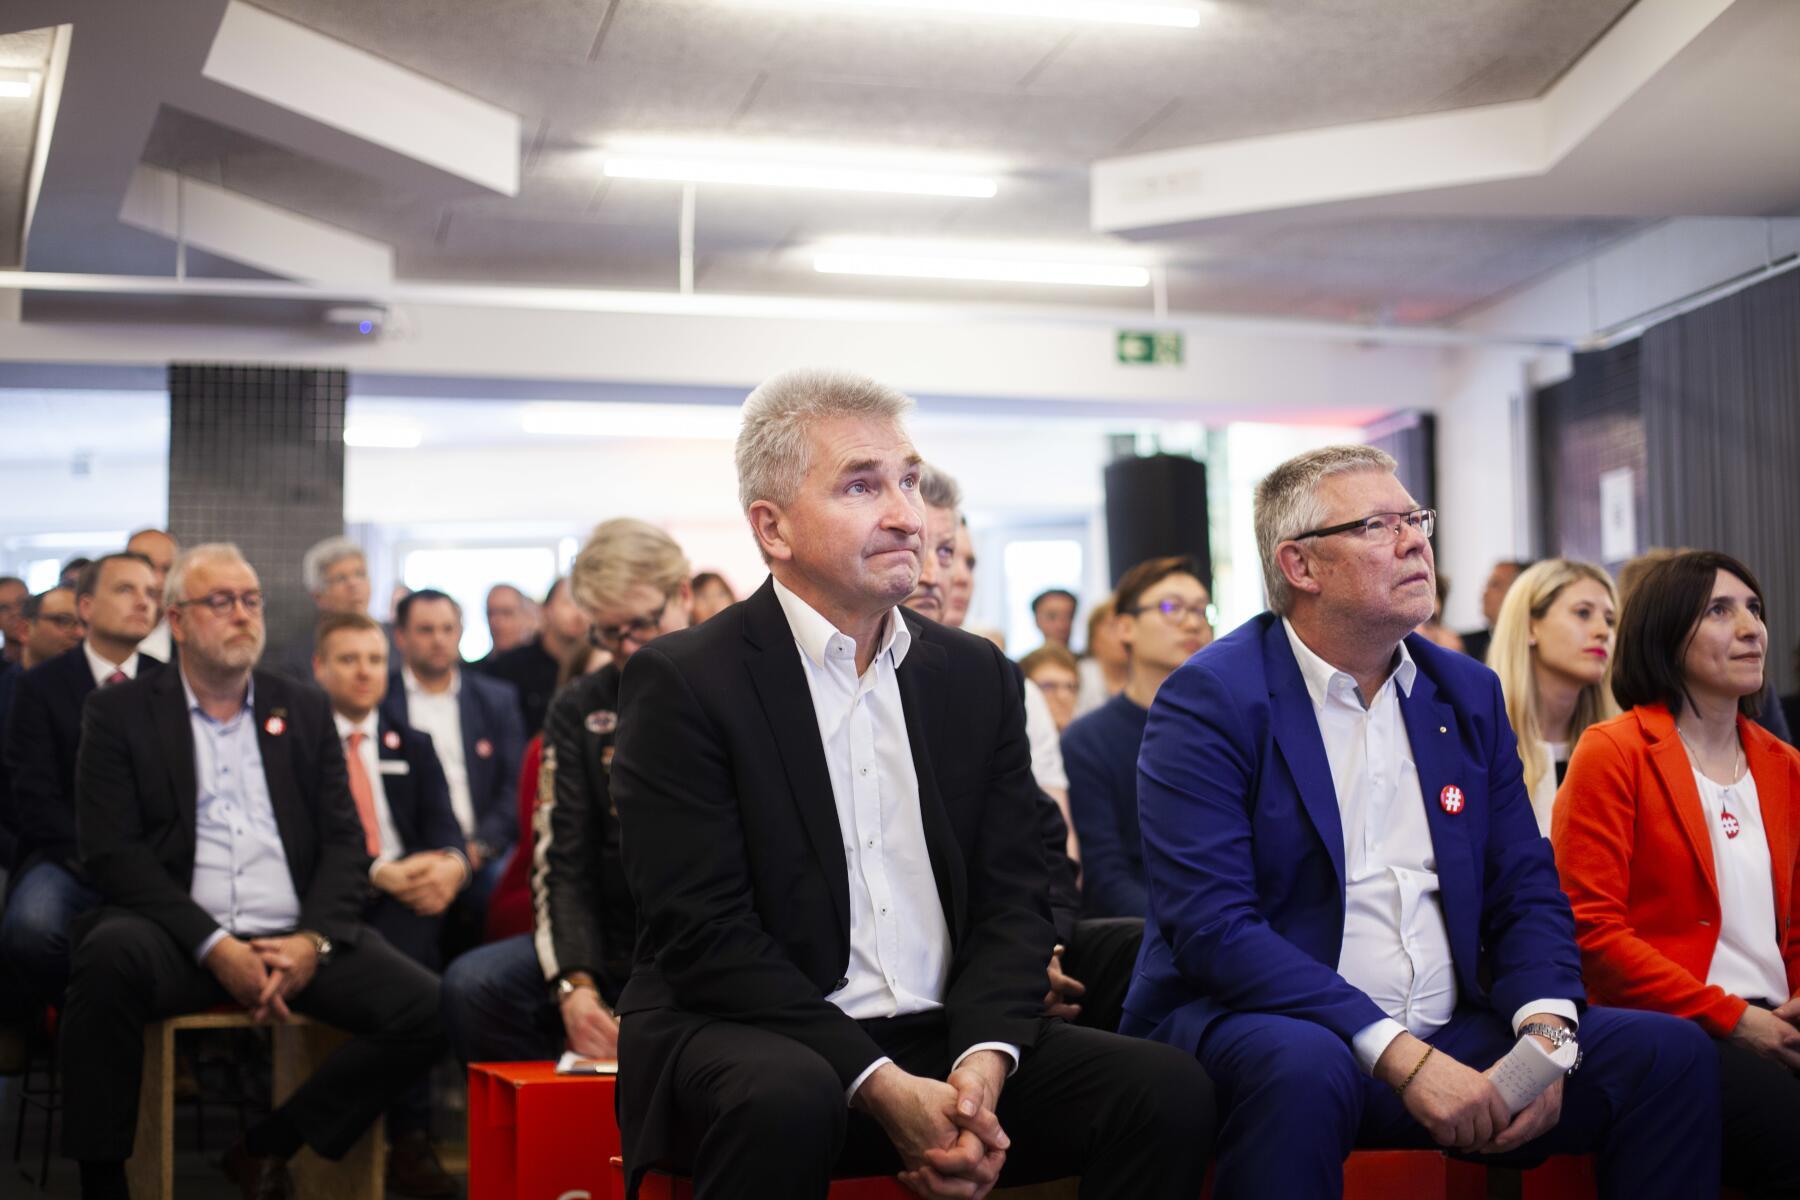 Eröffnung des Gründerwerk # Sparkasse Siegen - Reportagefotografie durch Sinan Muslu, neun a ohg